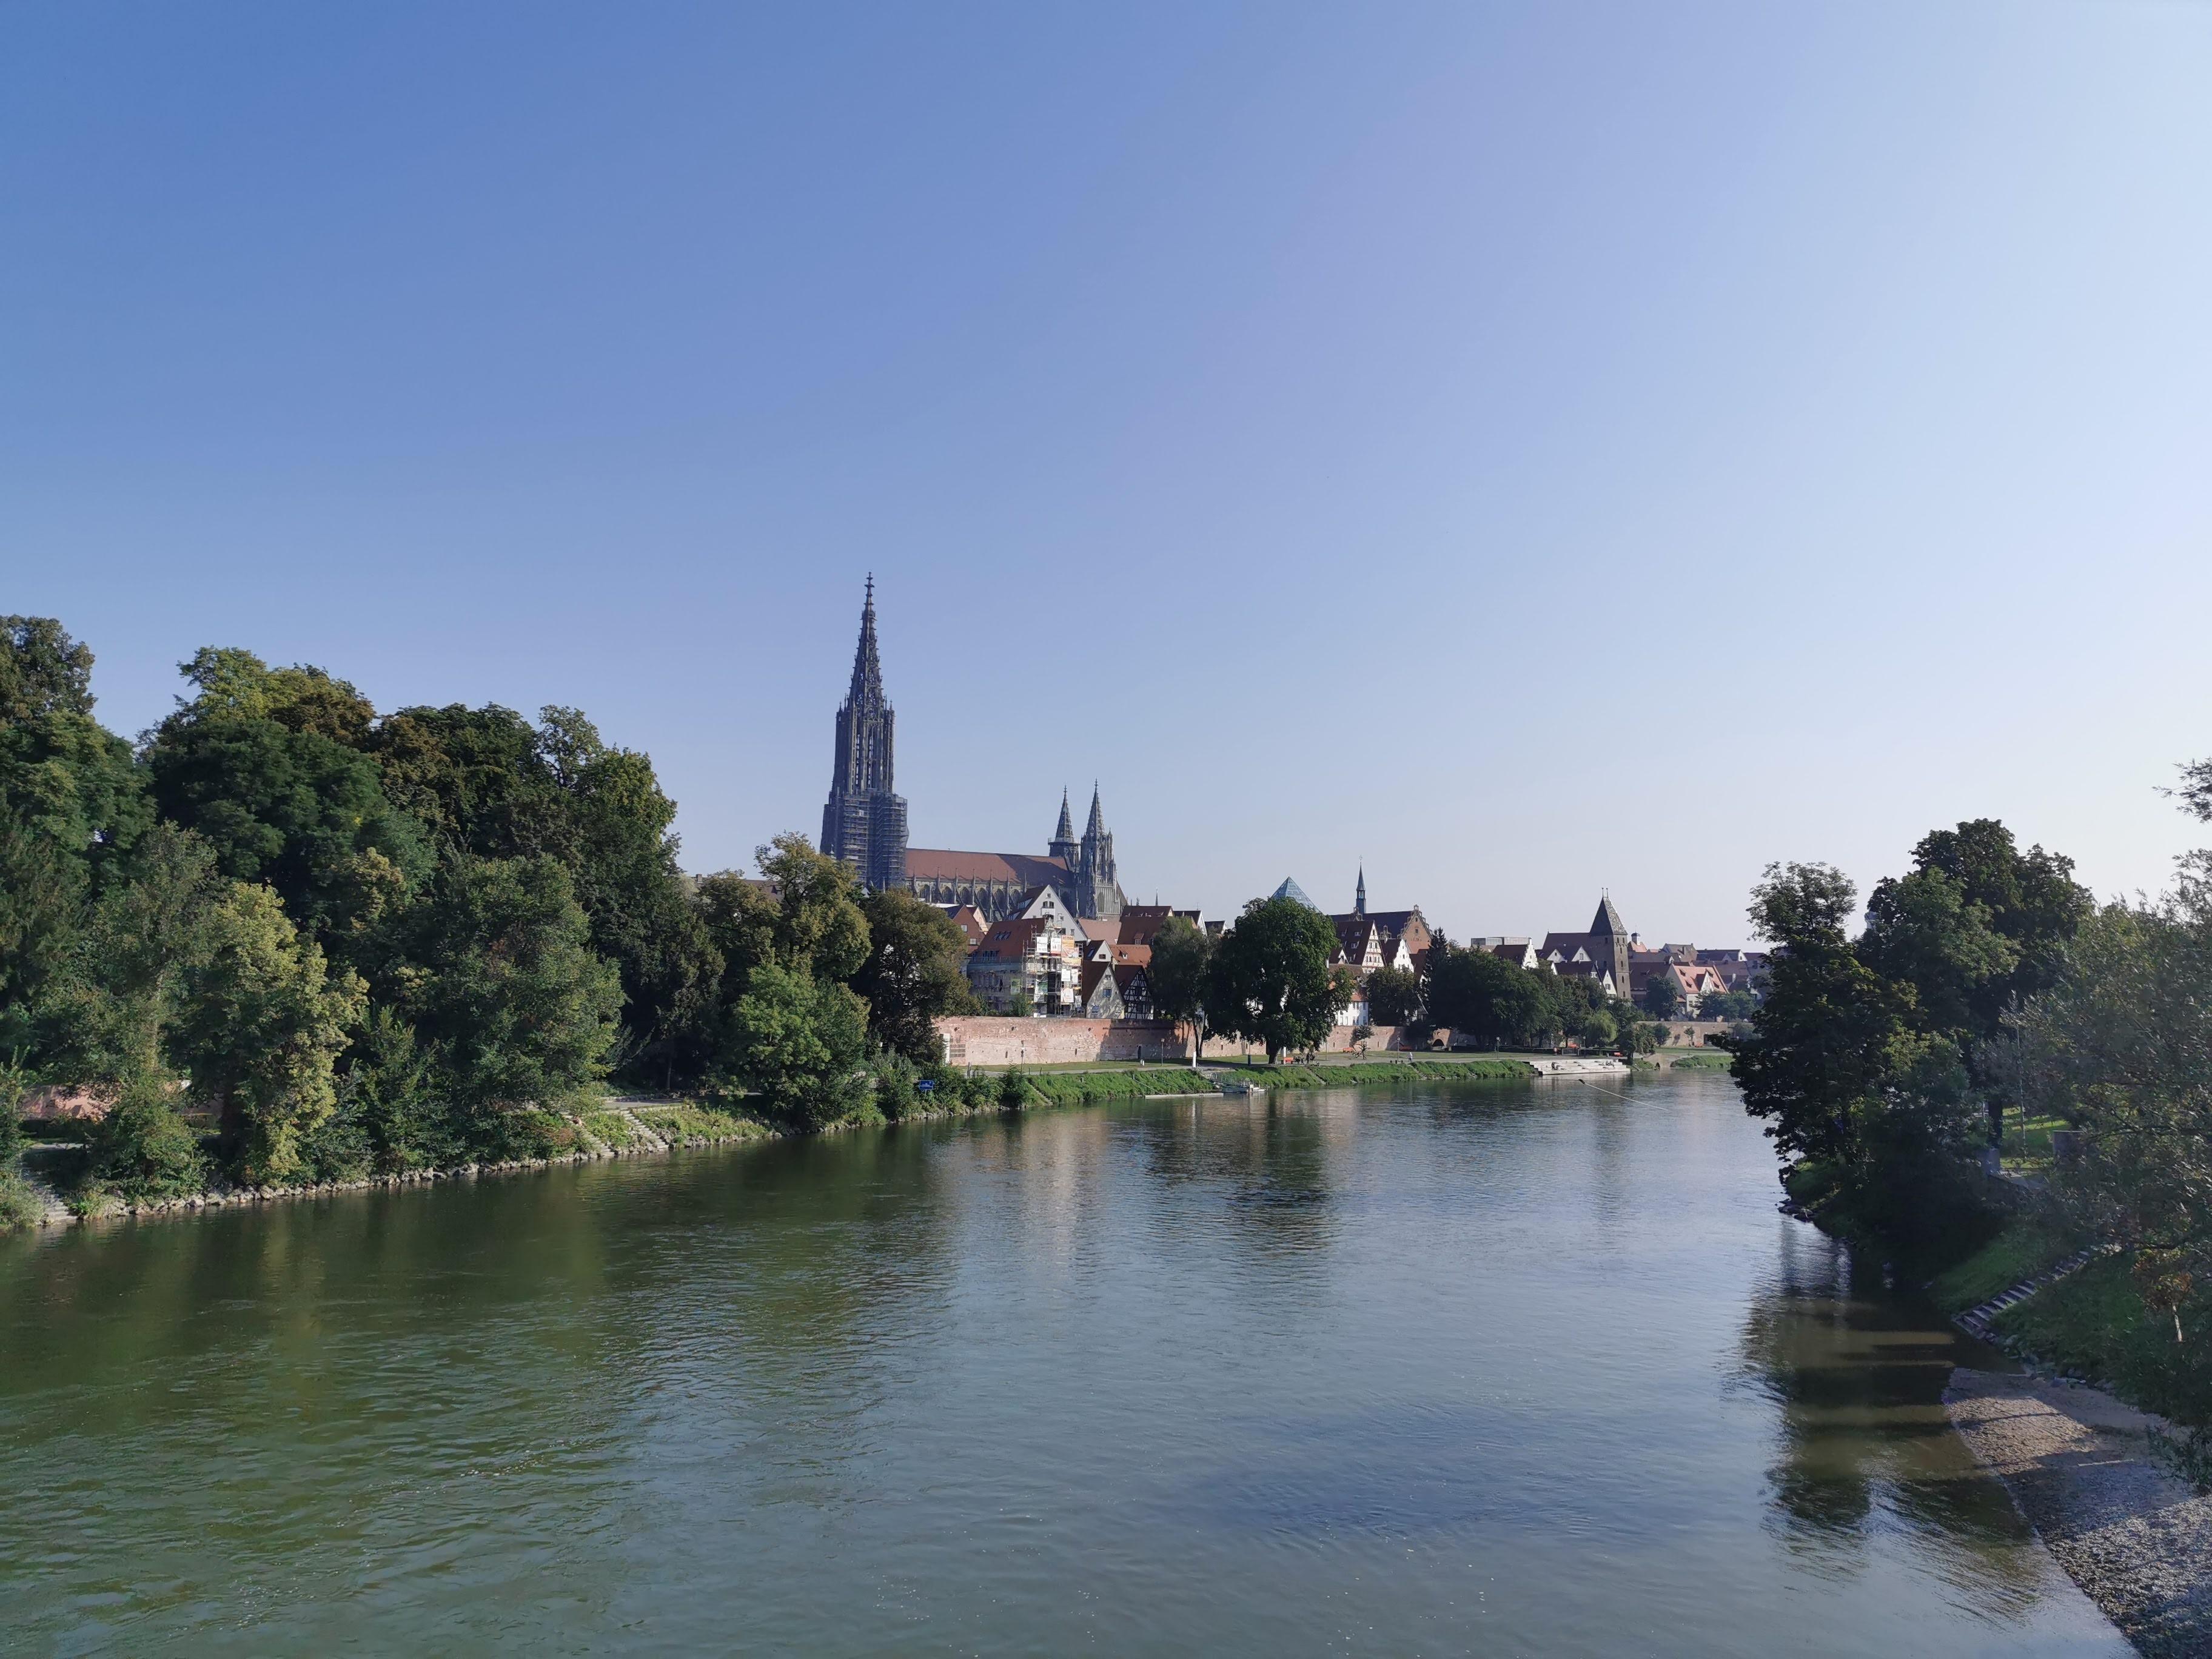 Blick auf Donau und Ulm